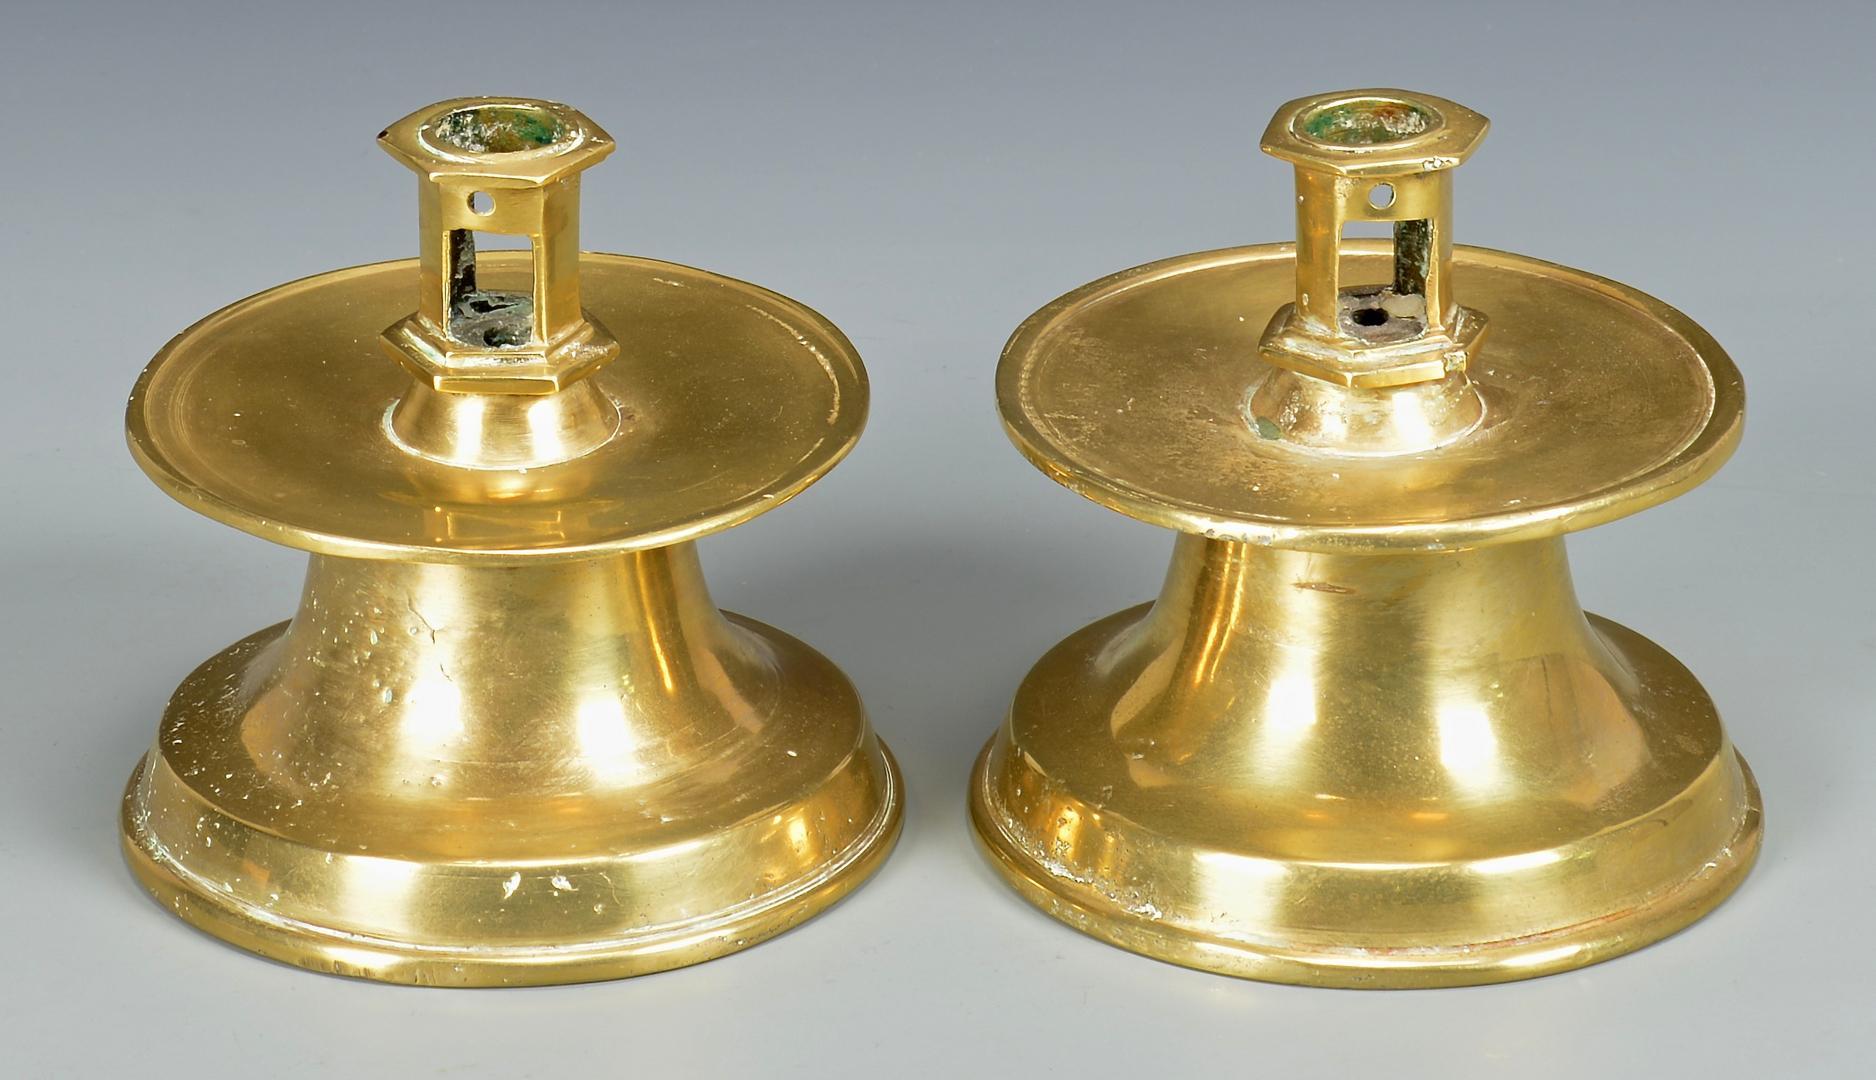 Lot 609 Pr Brass Capstan Candlesticks